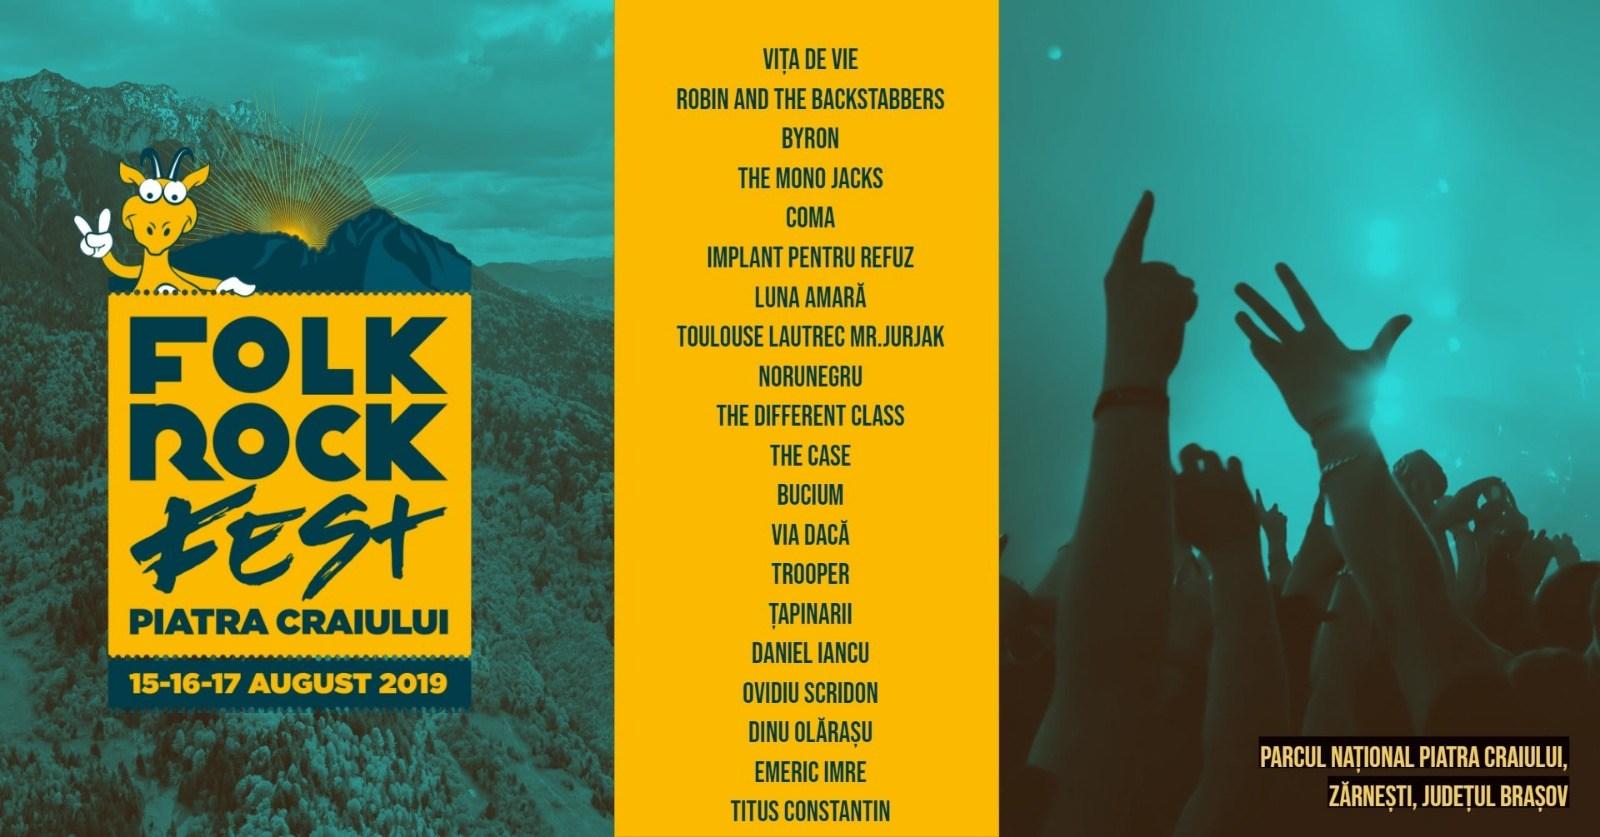 Folk Rock Fest Piatra Craiului Zarnesti 2019